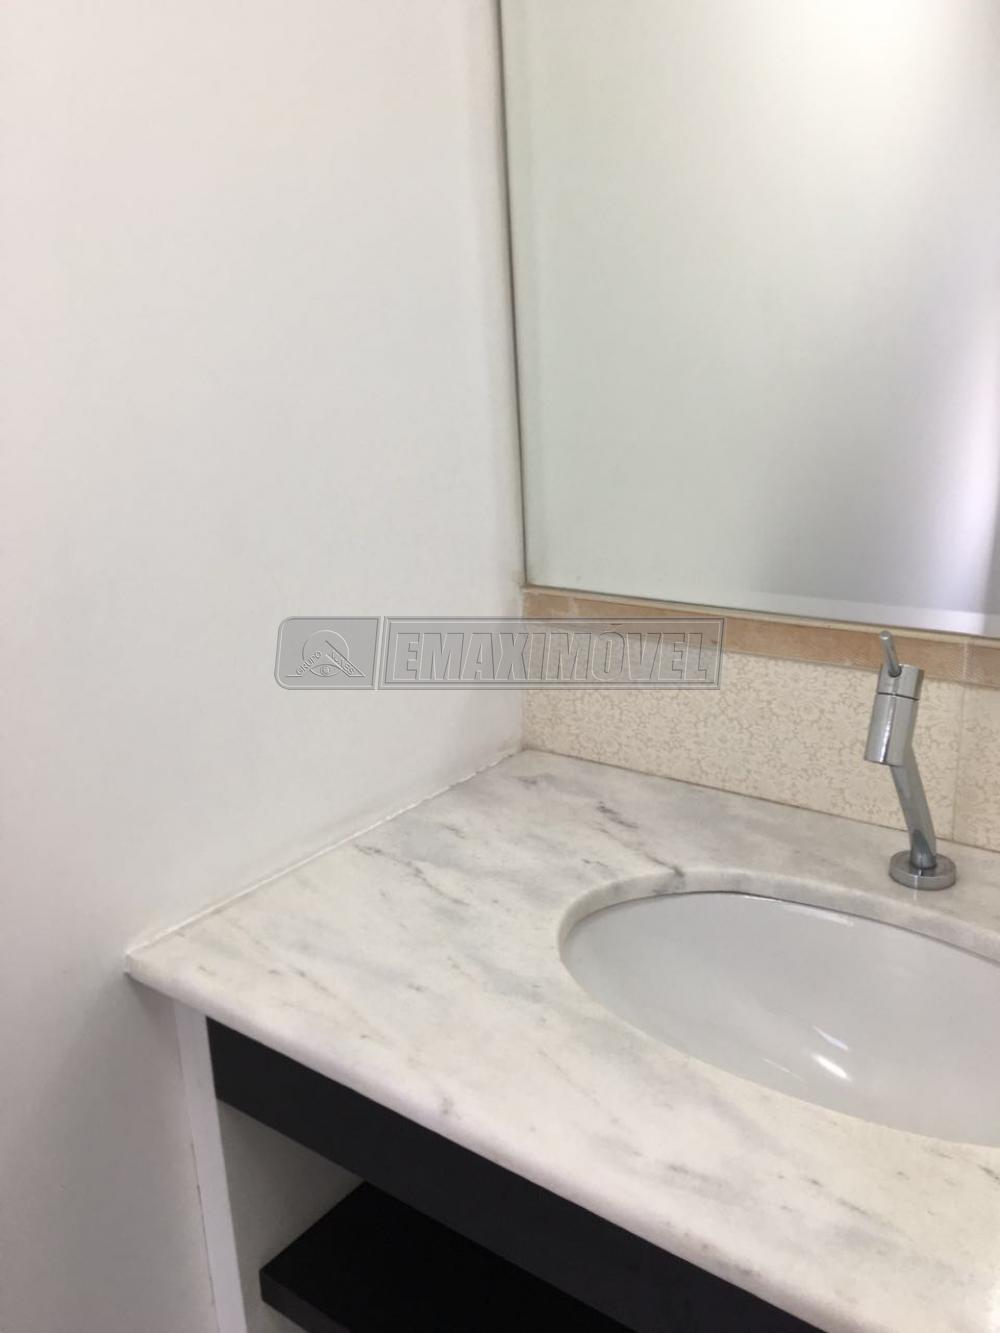 Alugar Casas / em Condomínios em Sorocaba apenas R$ 2.990,00 - Foto 10